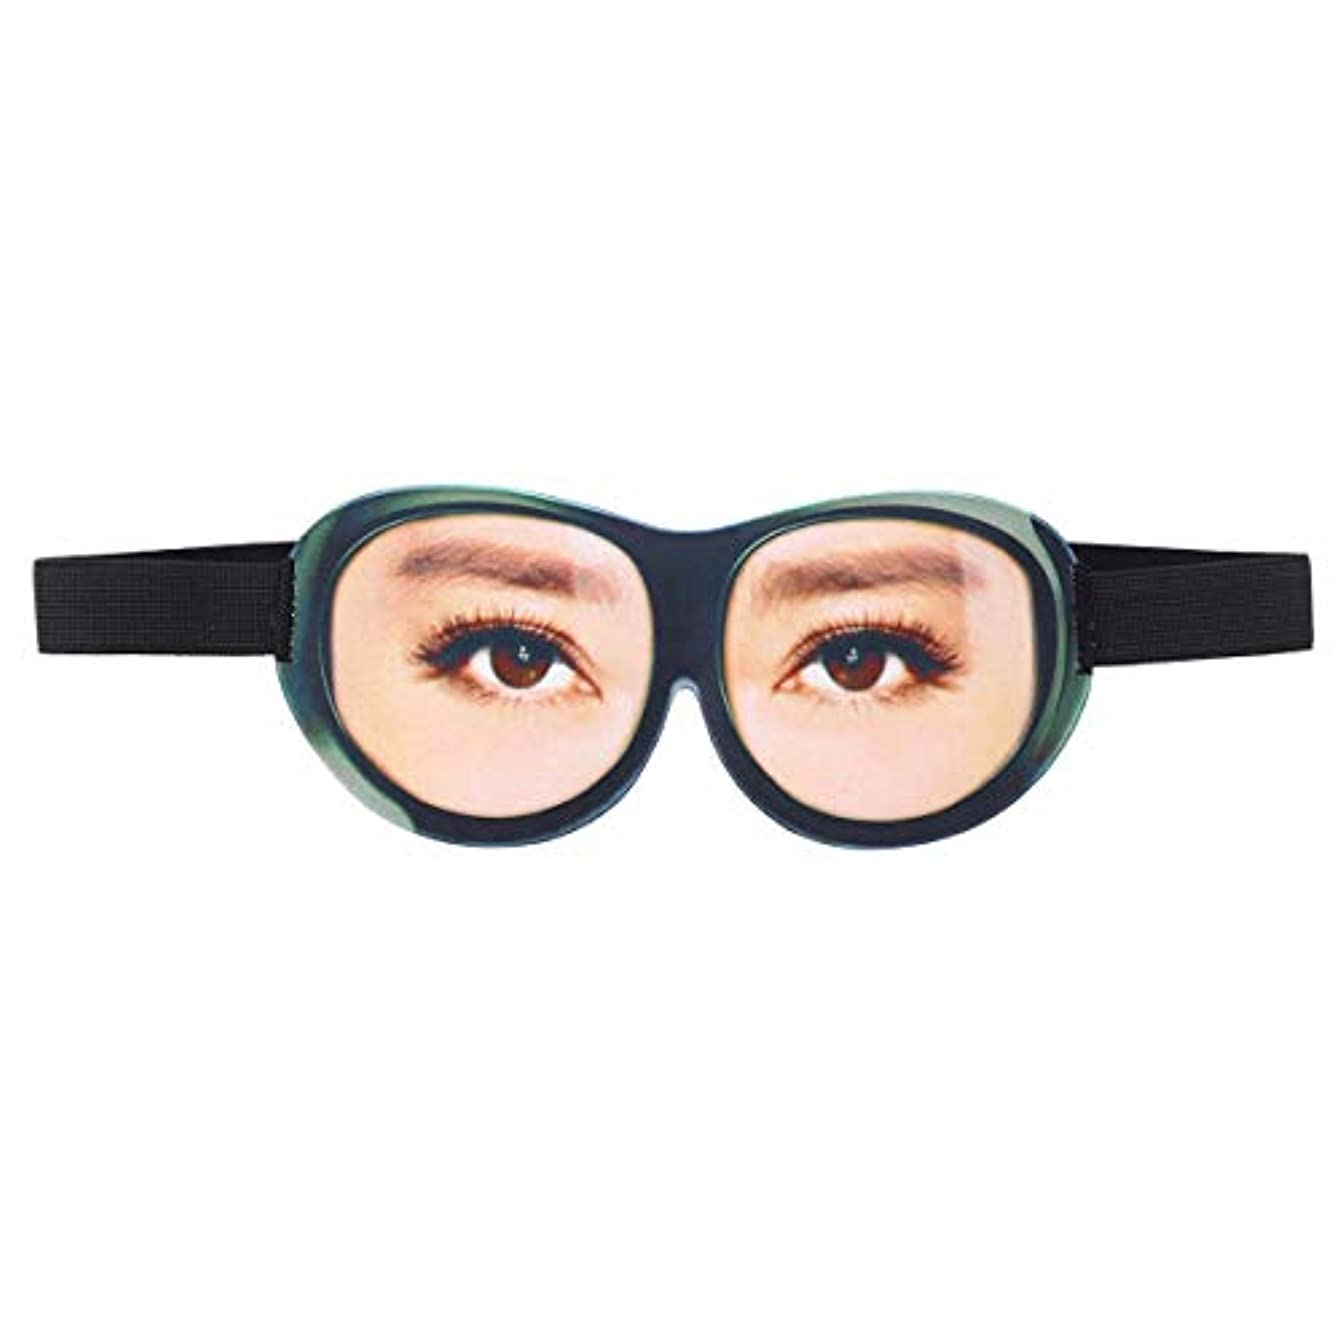 十分に抑制する受信Healifty 睡眠目隠し3D面白いアイシェード通気性睡眠マスク旅行睡眠ヘルパーアイシェード用男性と女性